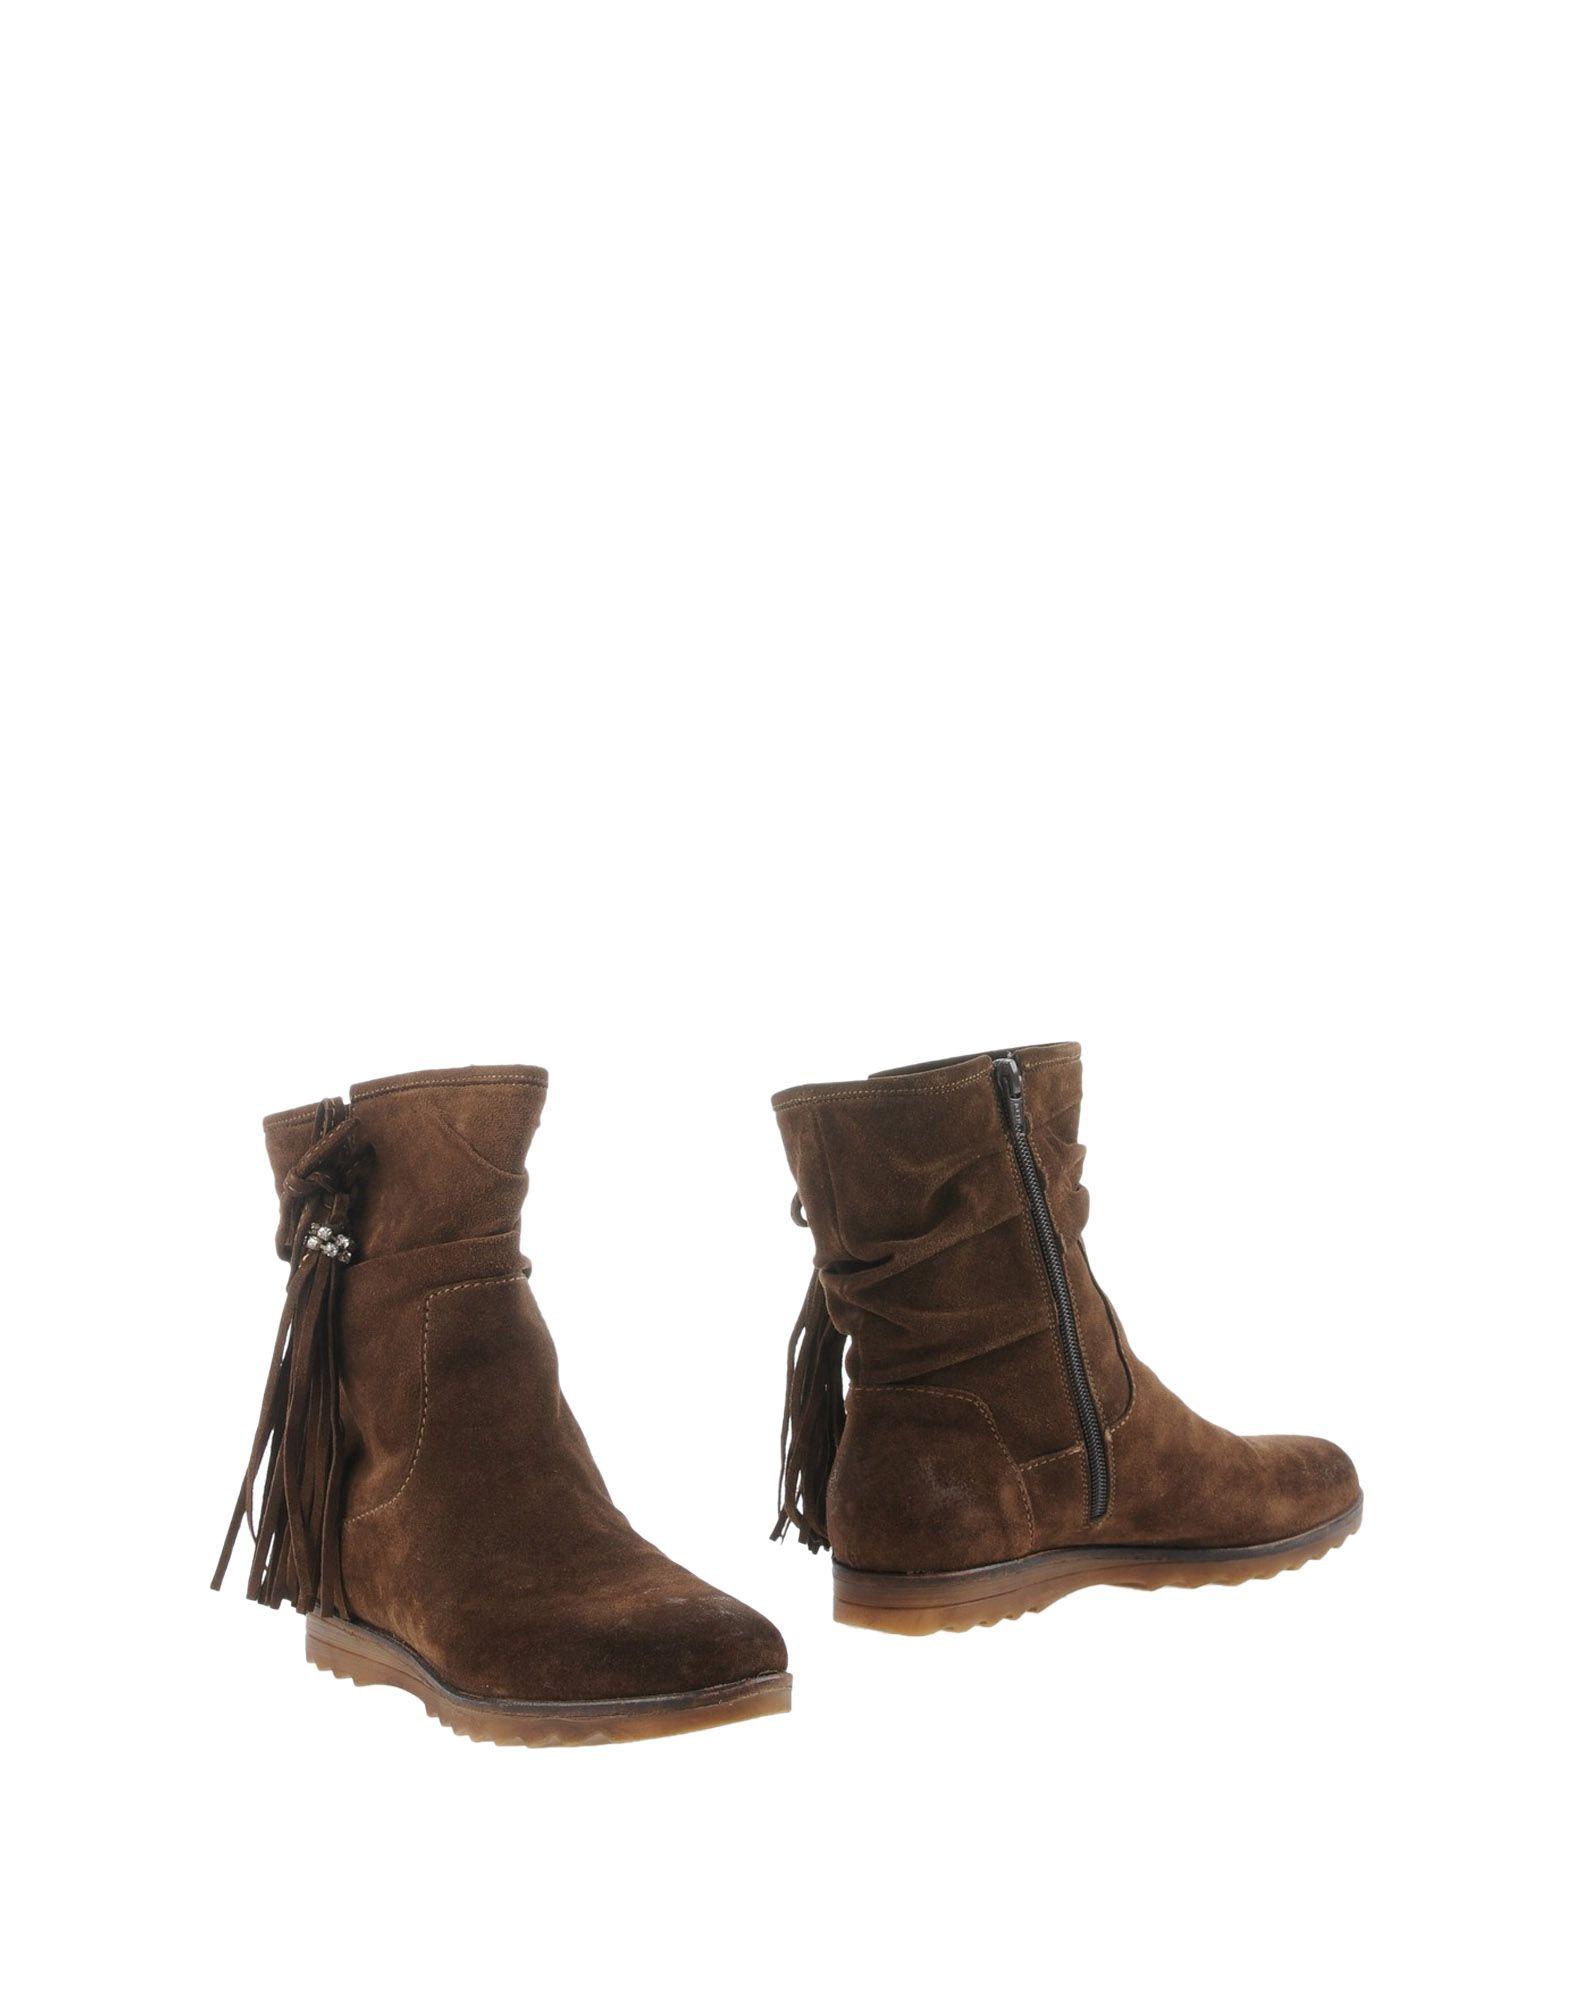 Emanuela Passeri Stiefelette Damen    44863171GG Gute Qualität beliebte Schuhe cab602